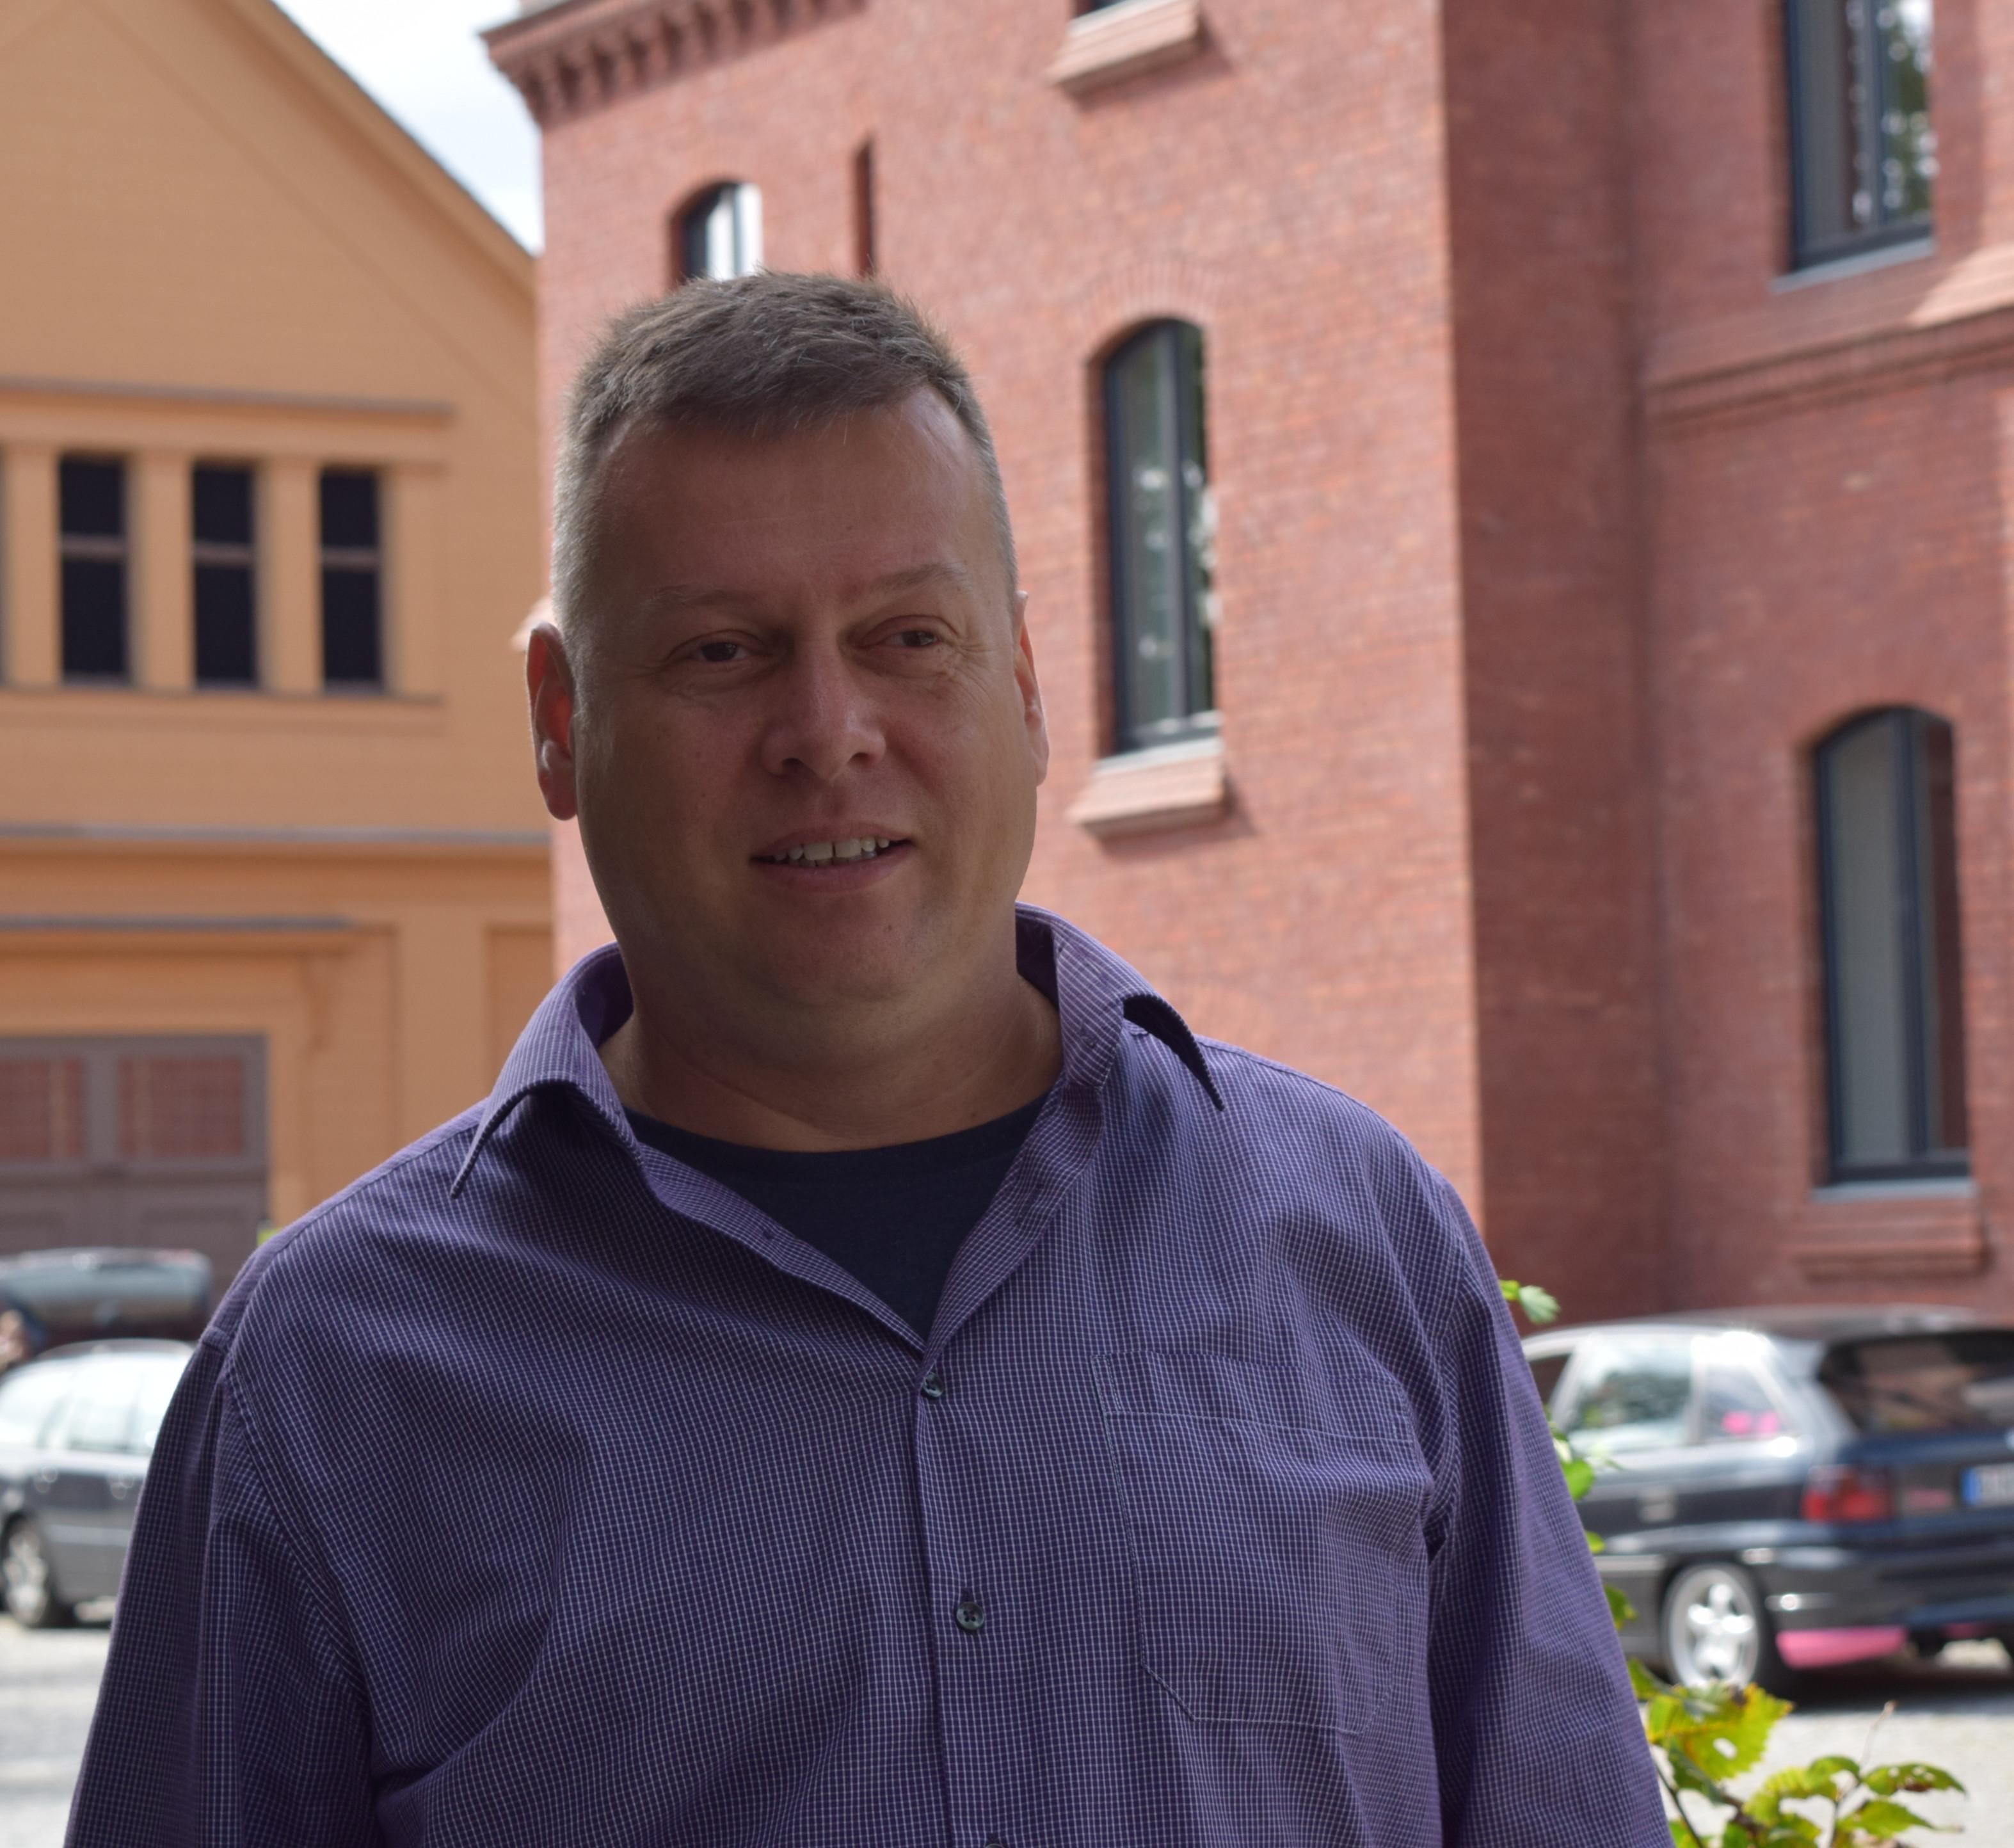 Stadtverordneter Uwe Fröhlich (Bündnis 90/ Die Grünen) steht vor einem roten Backsteingebäude und berichtet über Fairtrade-Towns. Foto: Lilith Grull